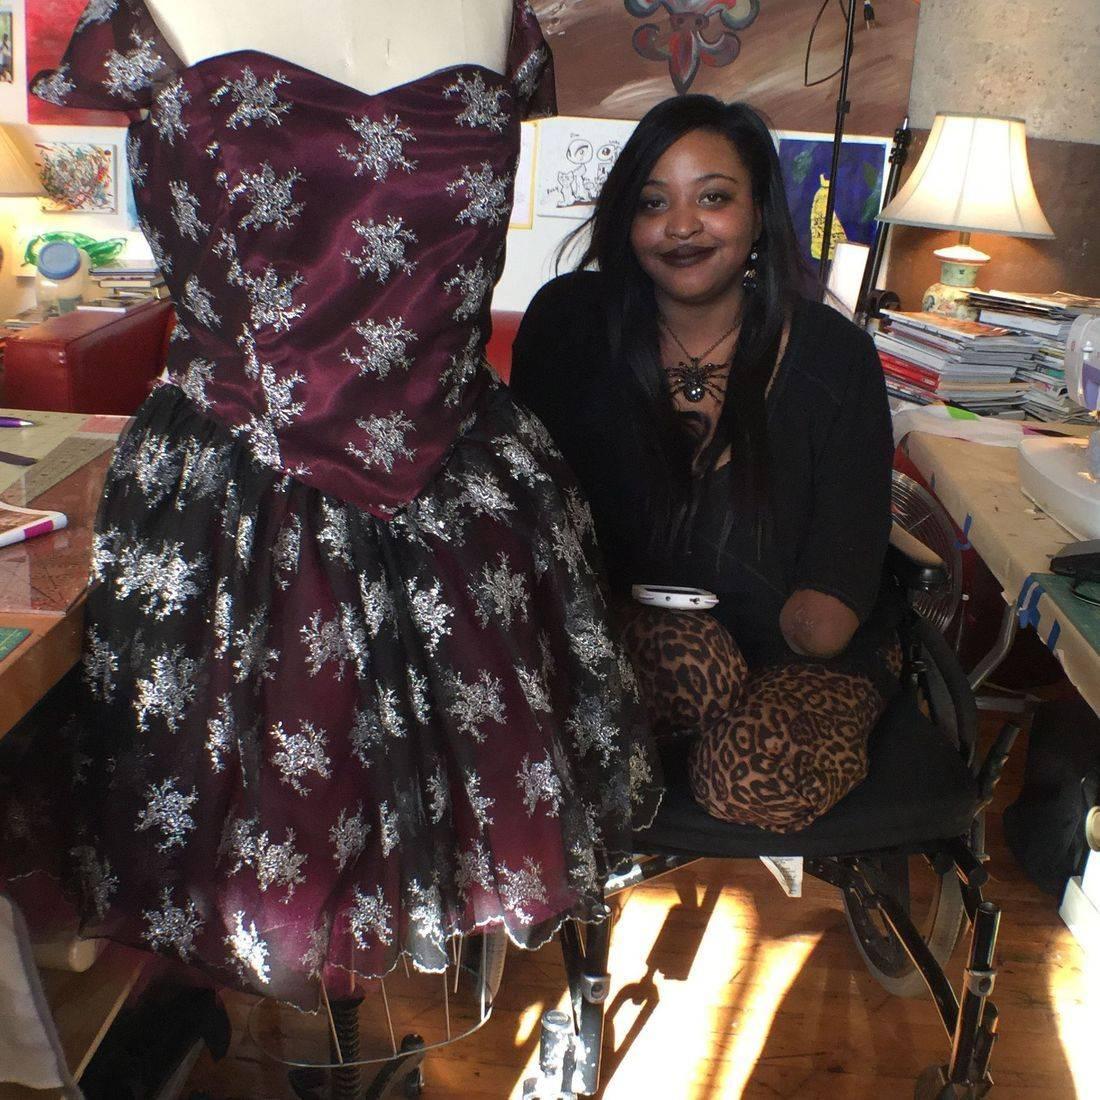 #punkybabe2010 #sewingforlife #cadelecreations